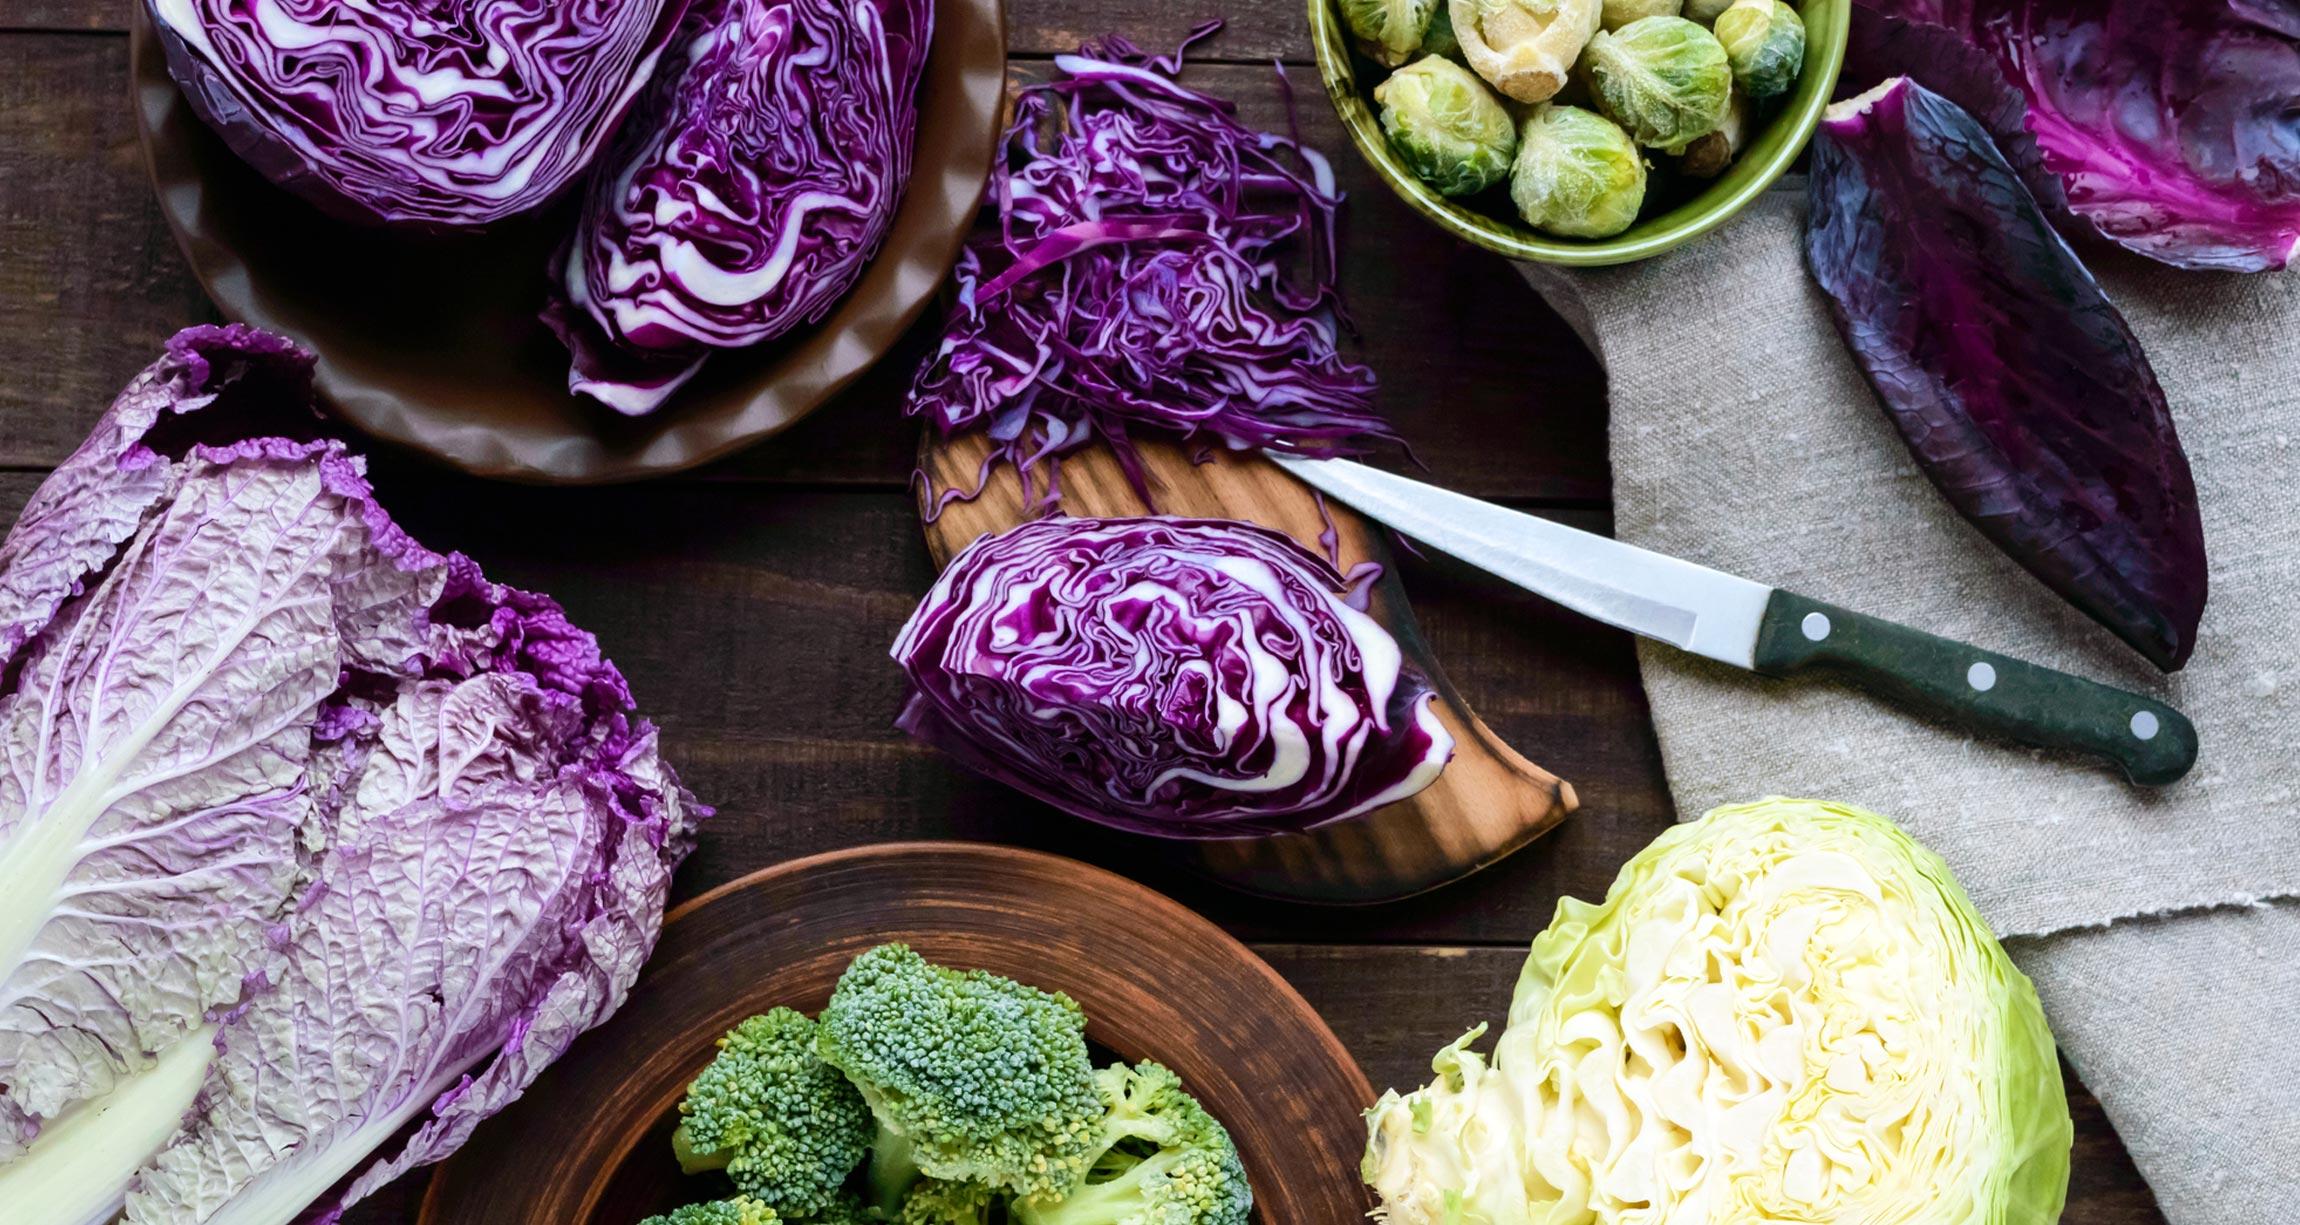 display of cruciferous vegetables